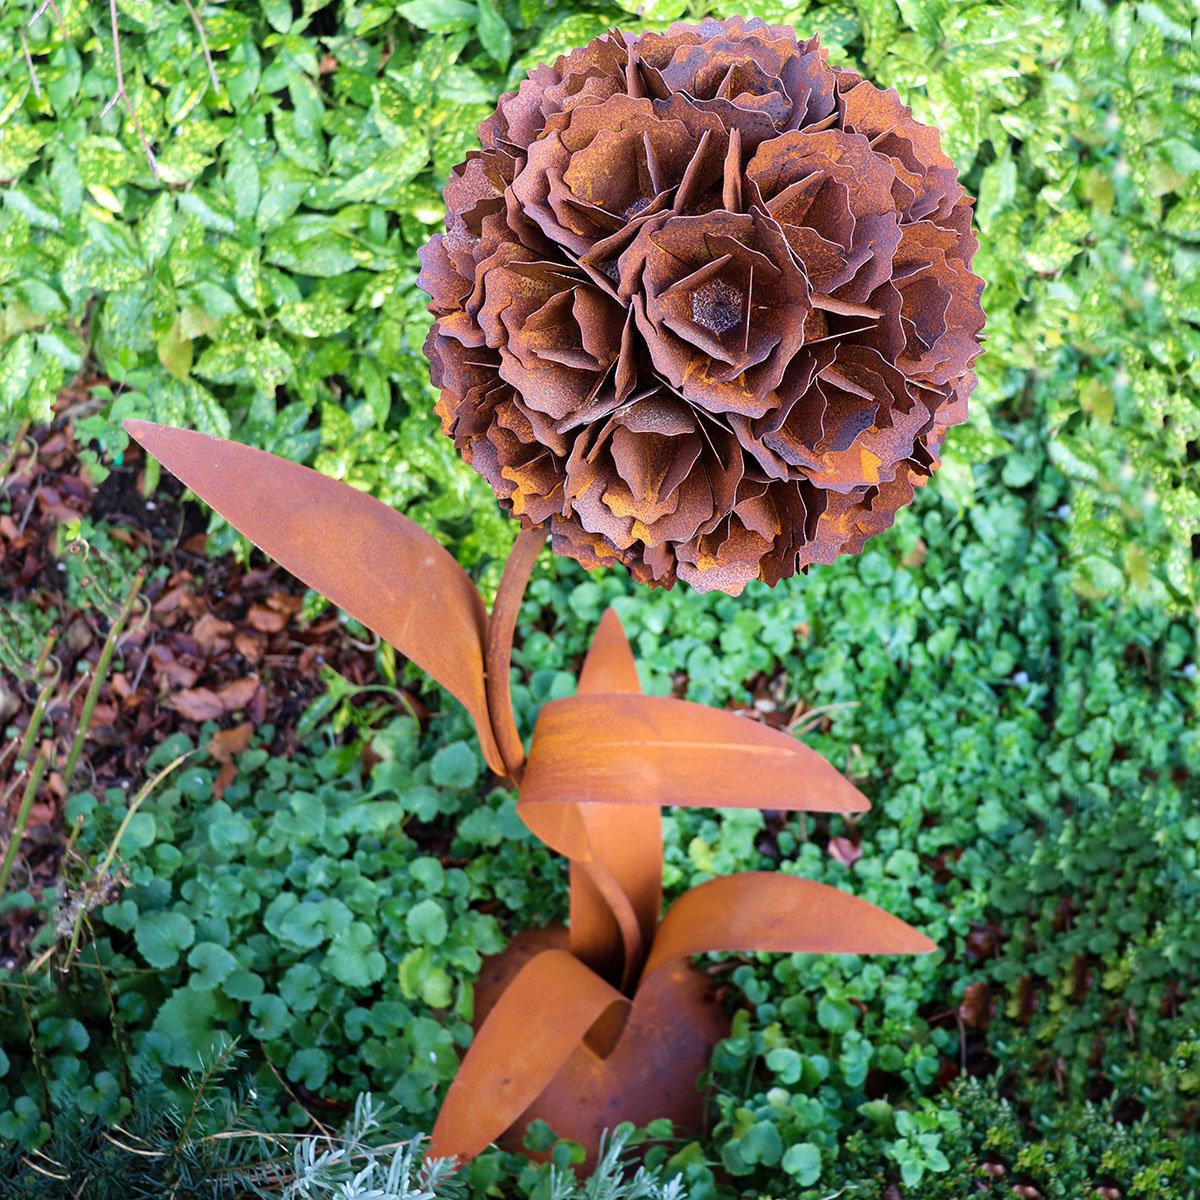 Gartenfigur Pusteblume mit Bodenplatte, Edelrost, 130 cm | #3